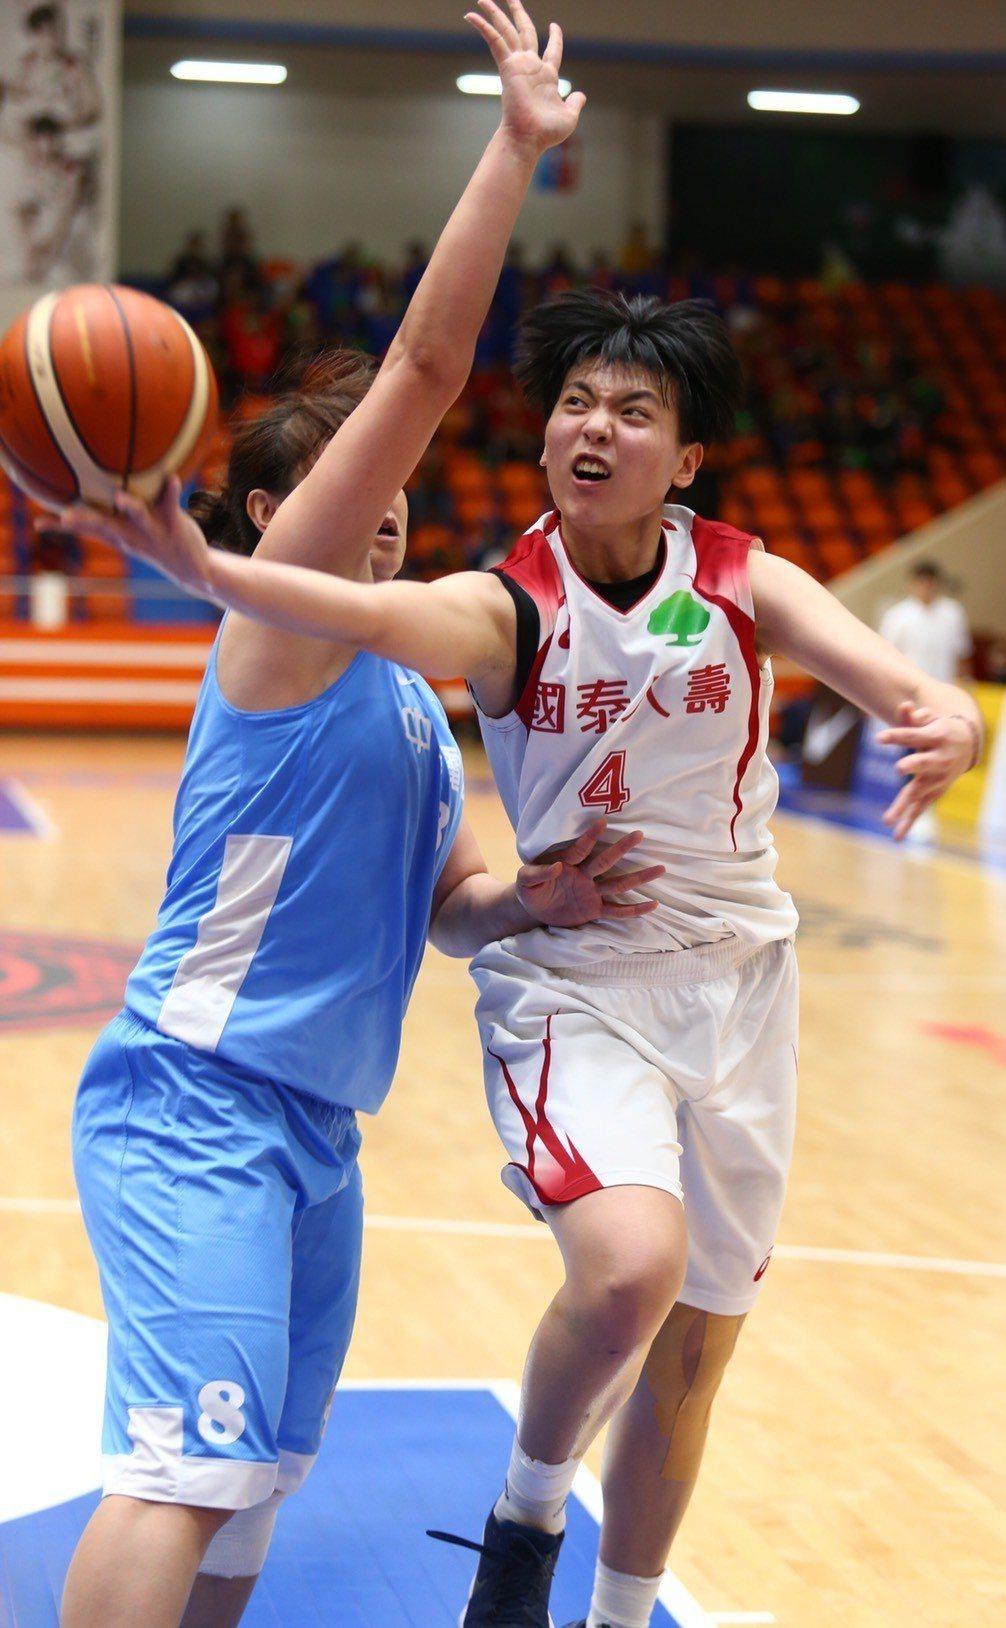 國泰韓雅恩(右)強行上籃。記者王騰毅/攝影